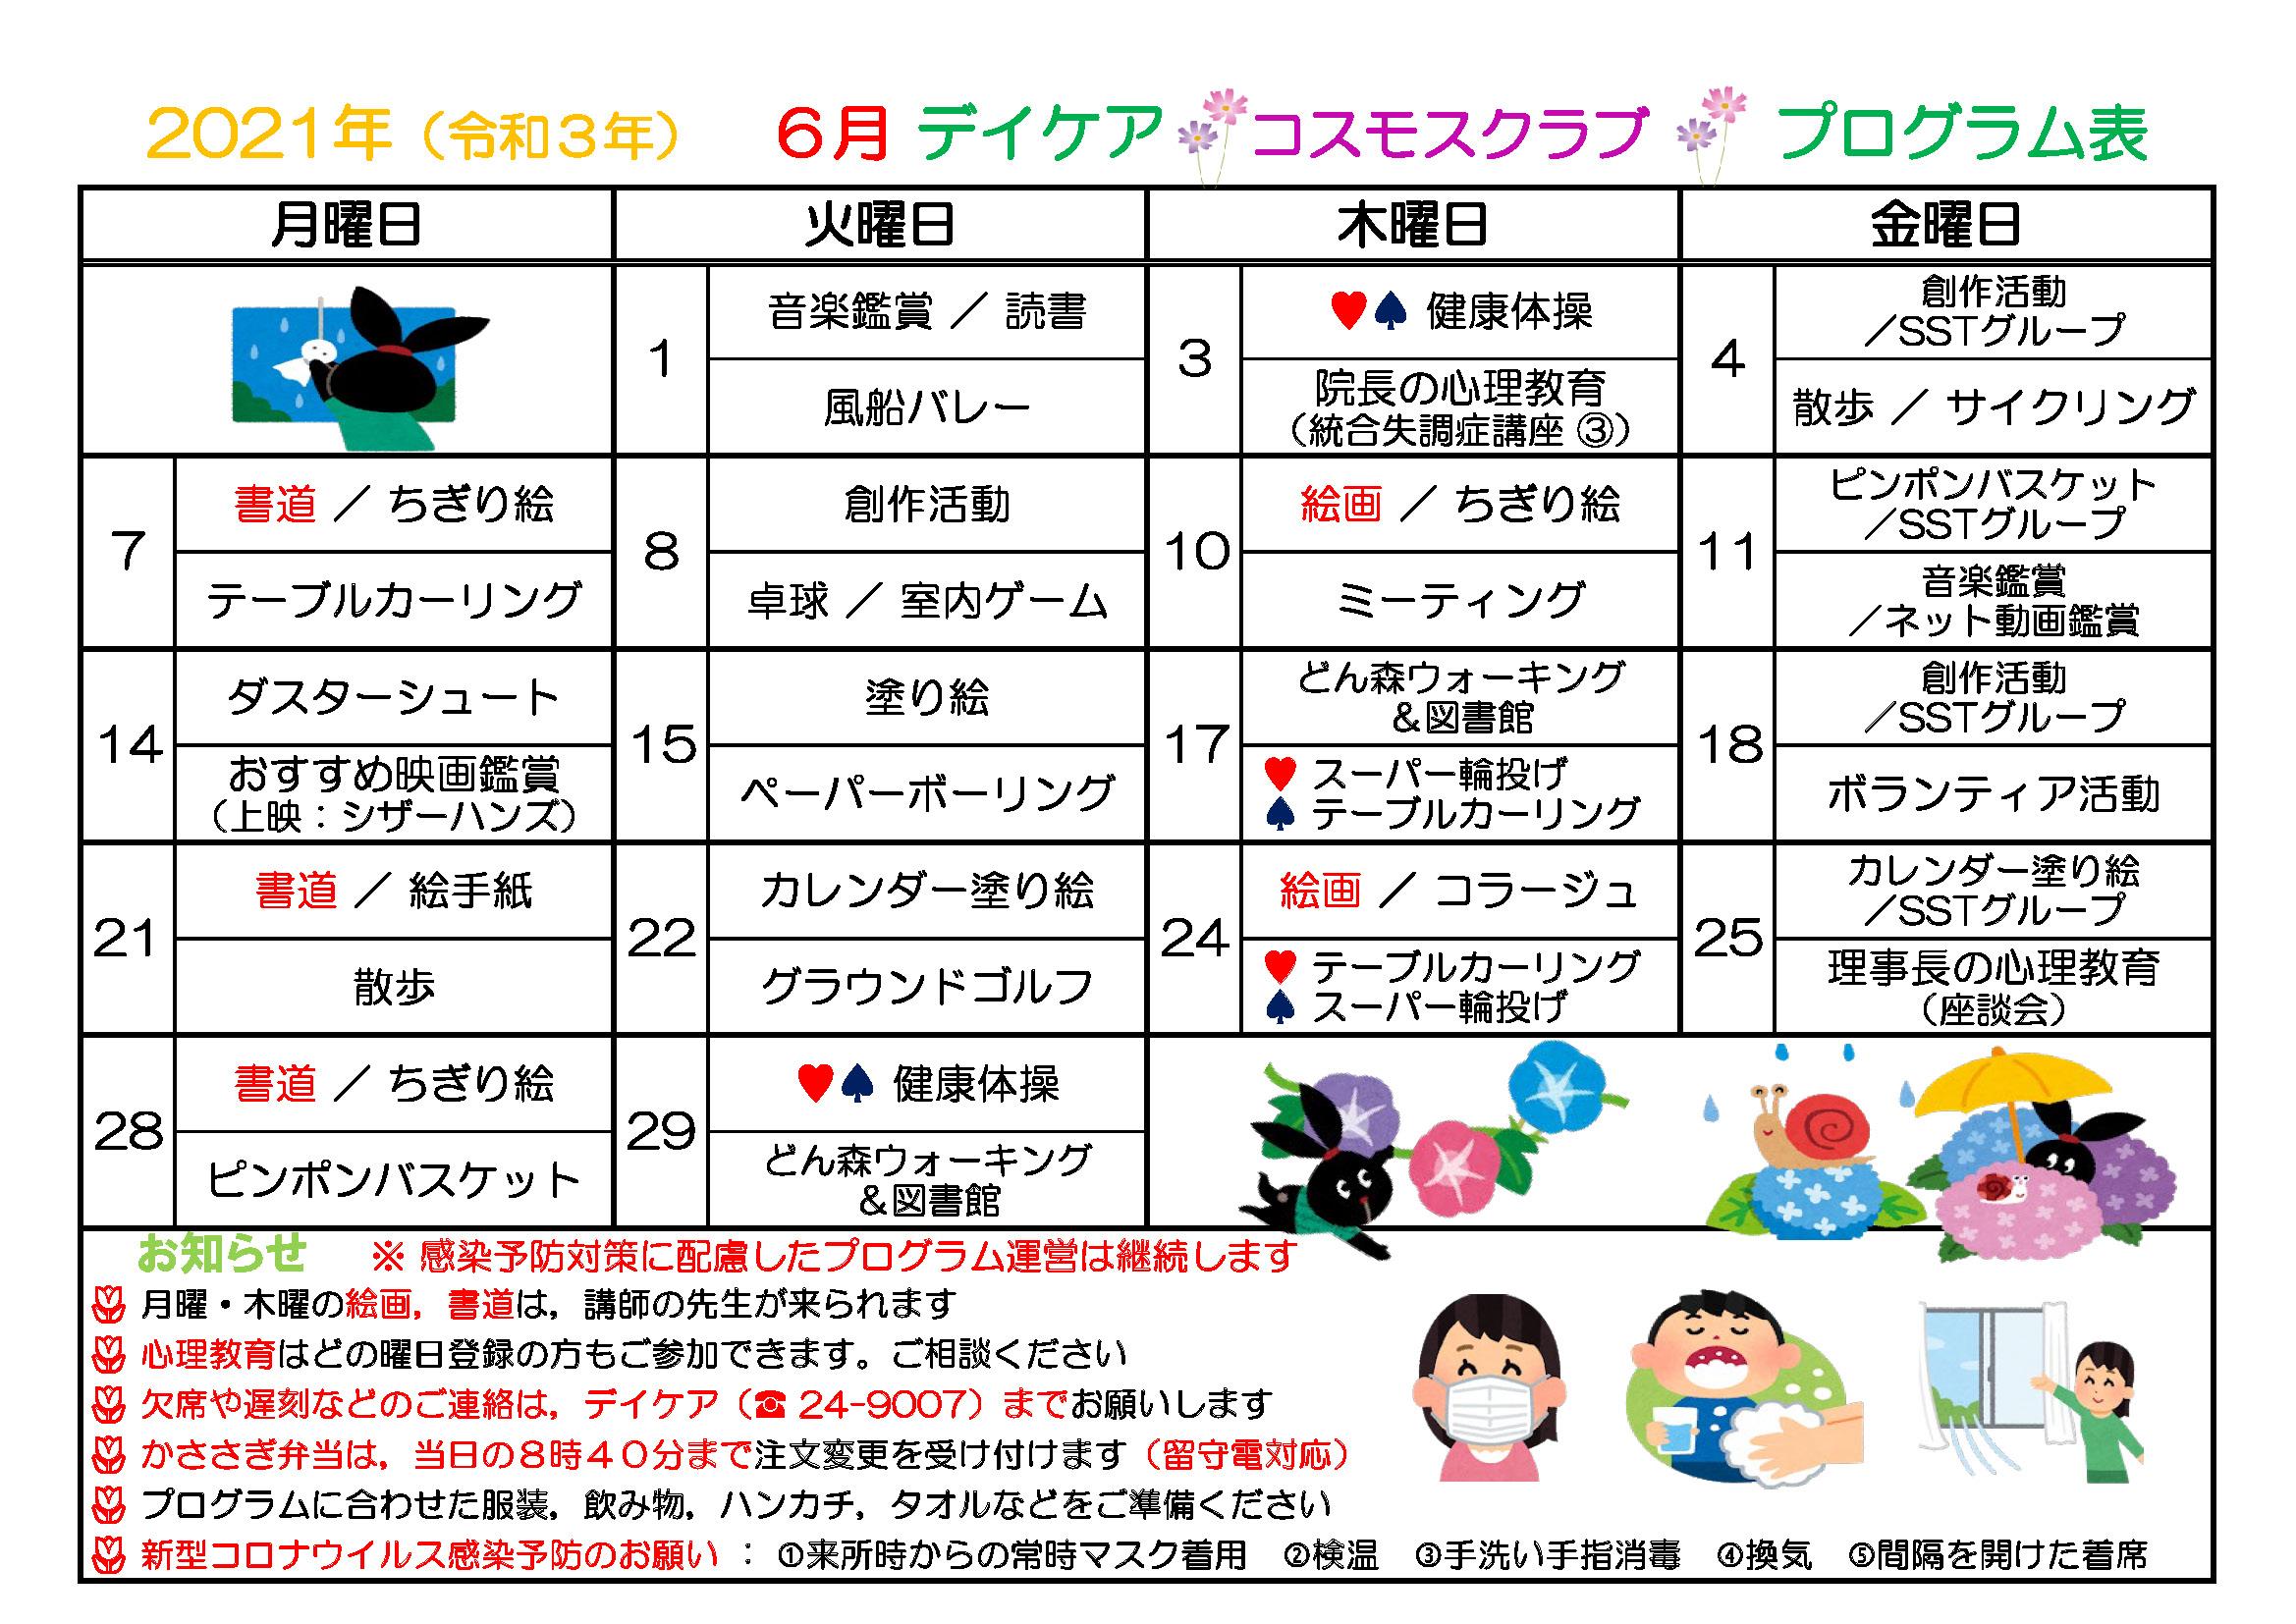 2021年6月プログラム表